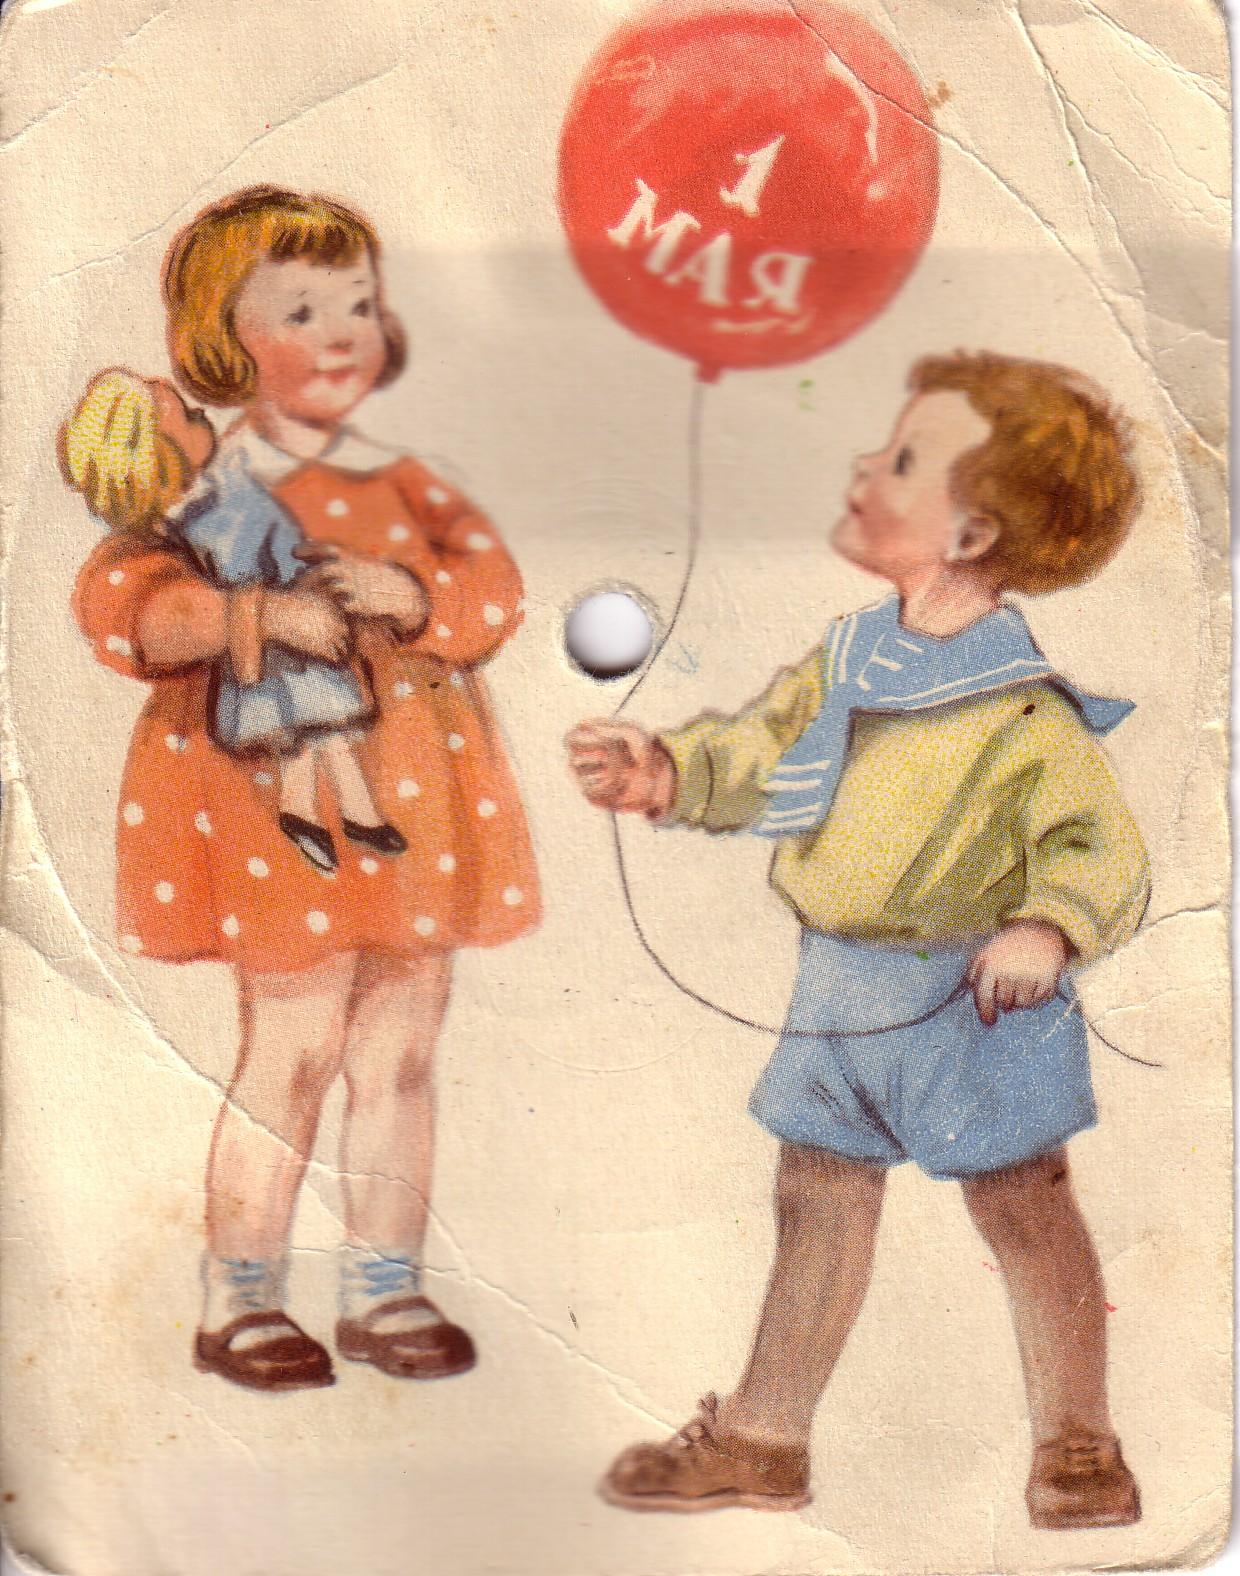 May 1 children